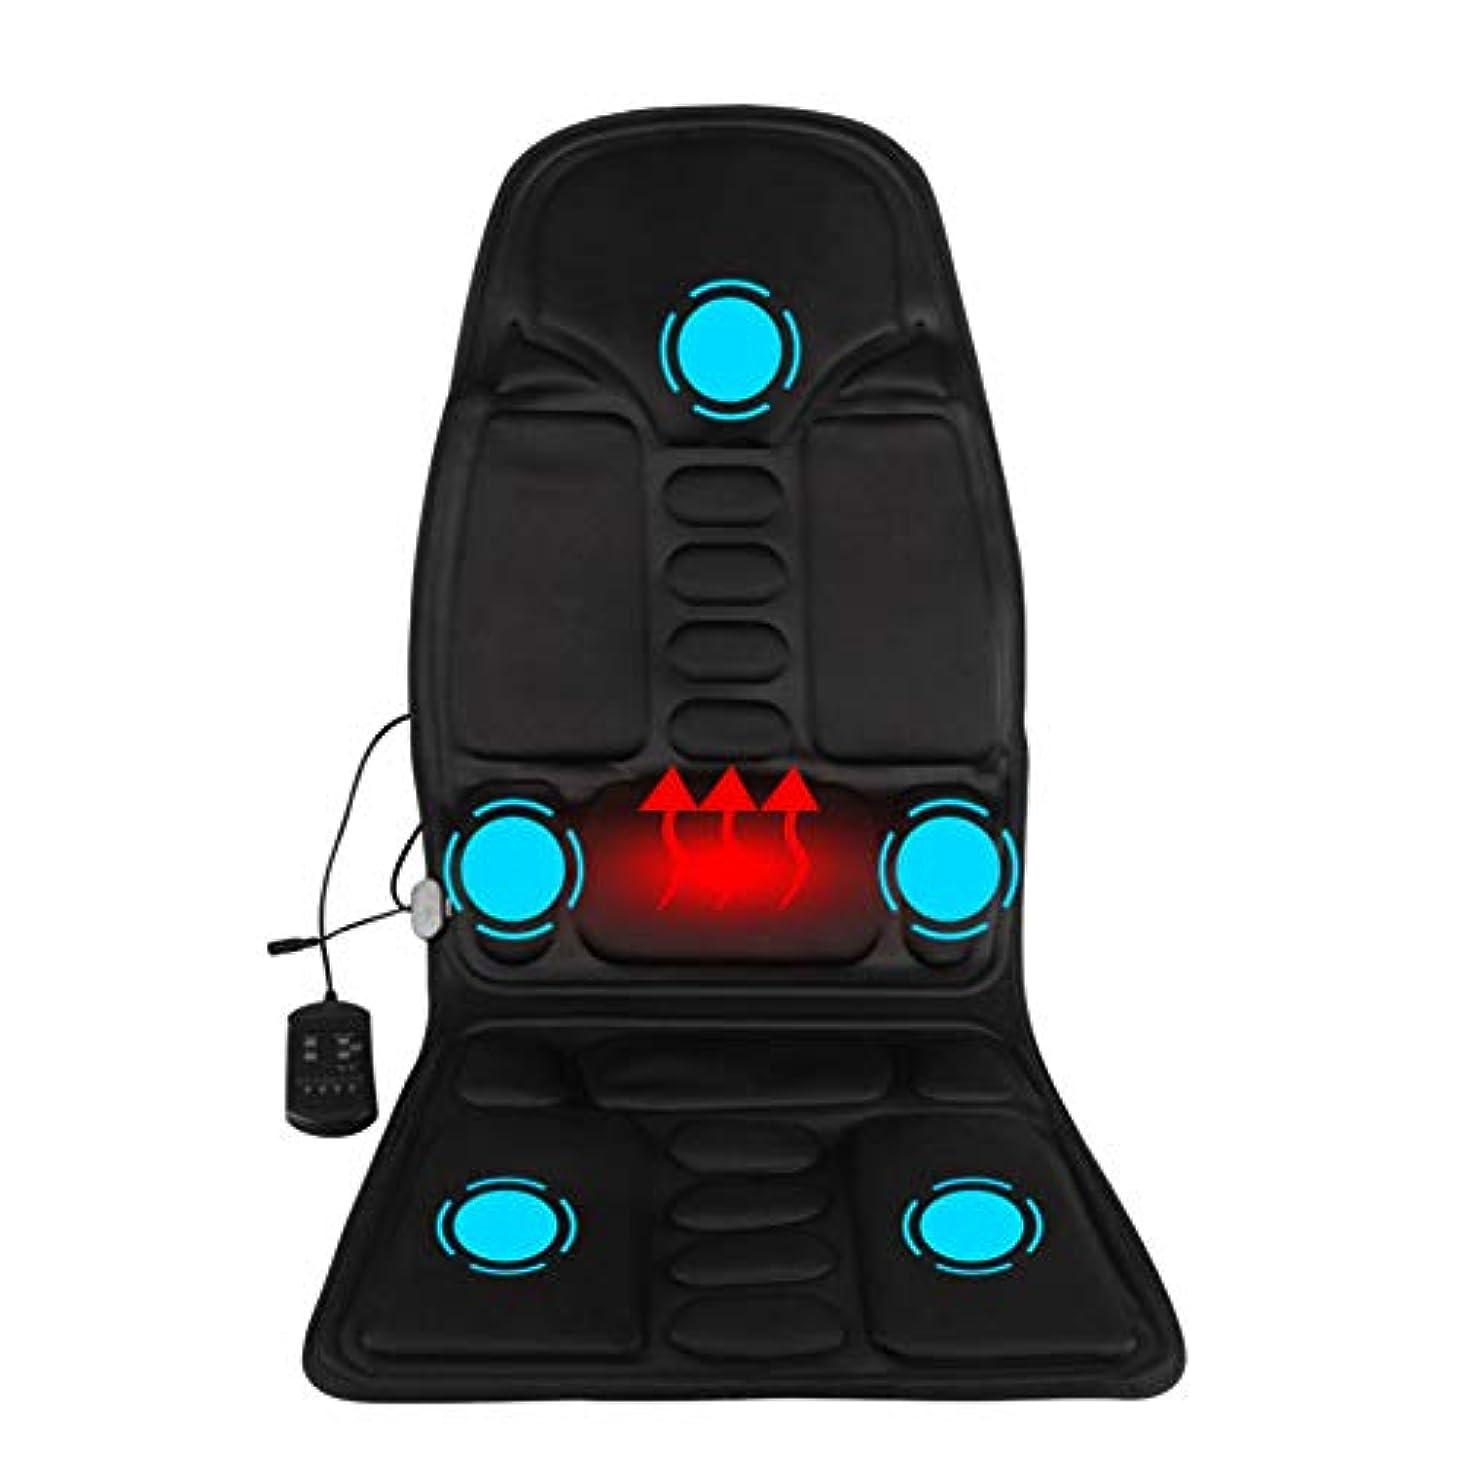 いう重くするクラックマッサージのあと振れ止めのクッション、車の総本店の5つの熱振動モーターを搭載する背部そして首全体のための携帯用マッサージャーの座席振動のマッサージ